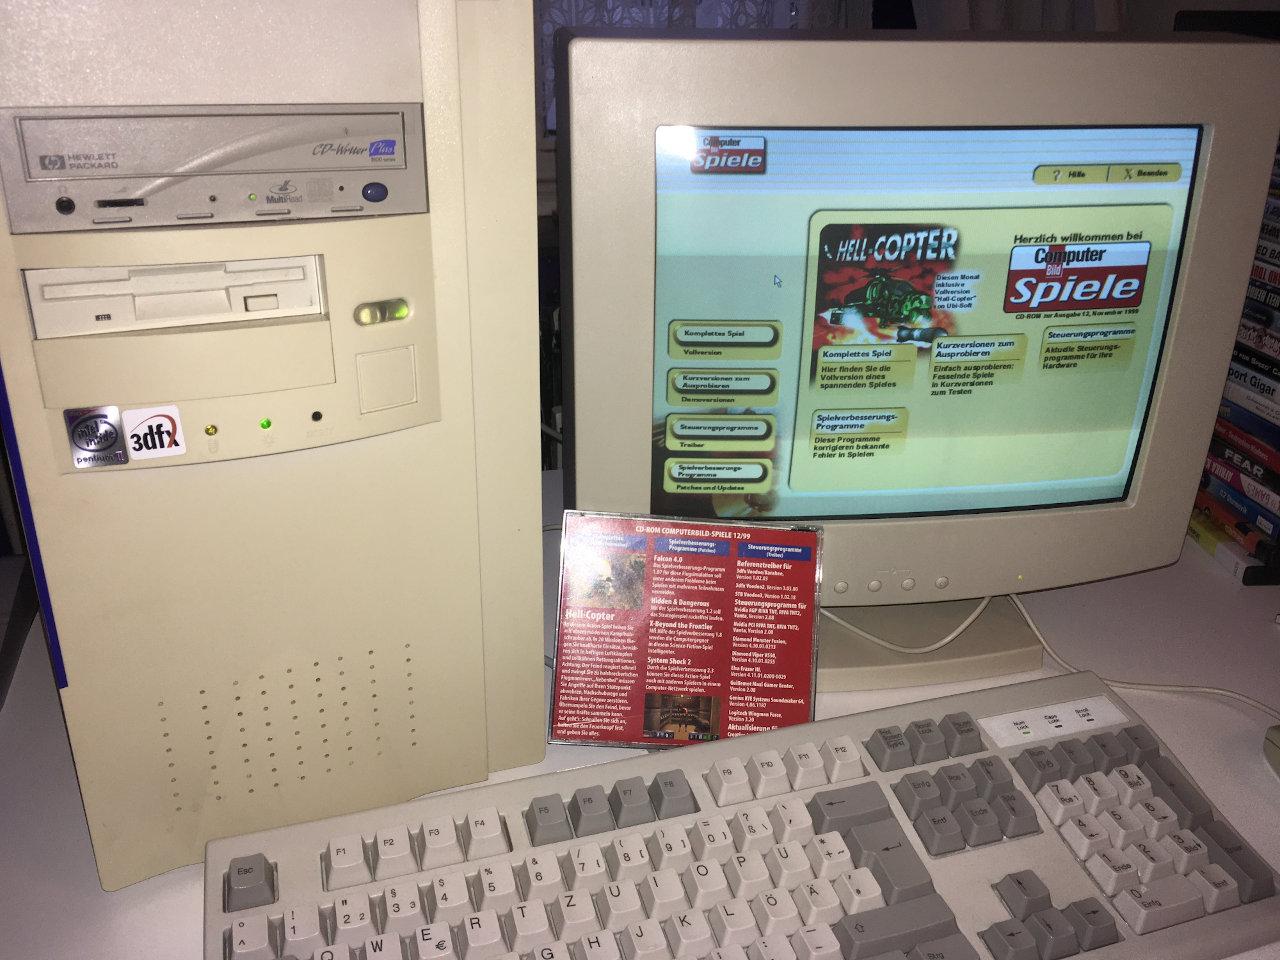 Das Menü der beiliegenden Heft-CD. Das Foto stellt ungefähr einen typischen PC-Arbeitsplatz aus der Zeit dar. (Bild: Kevin Puschak)